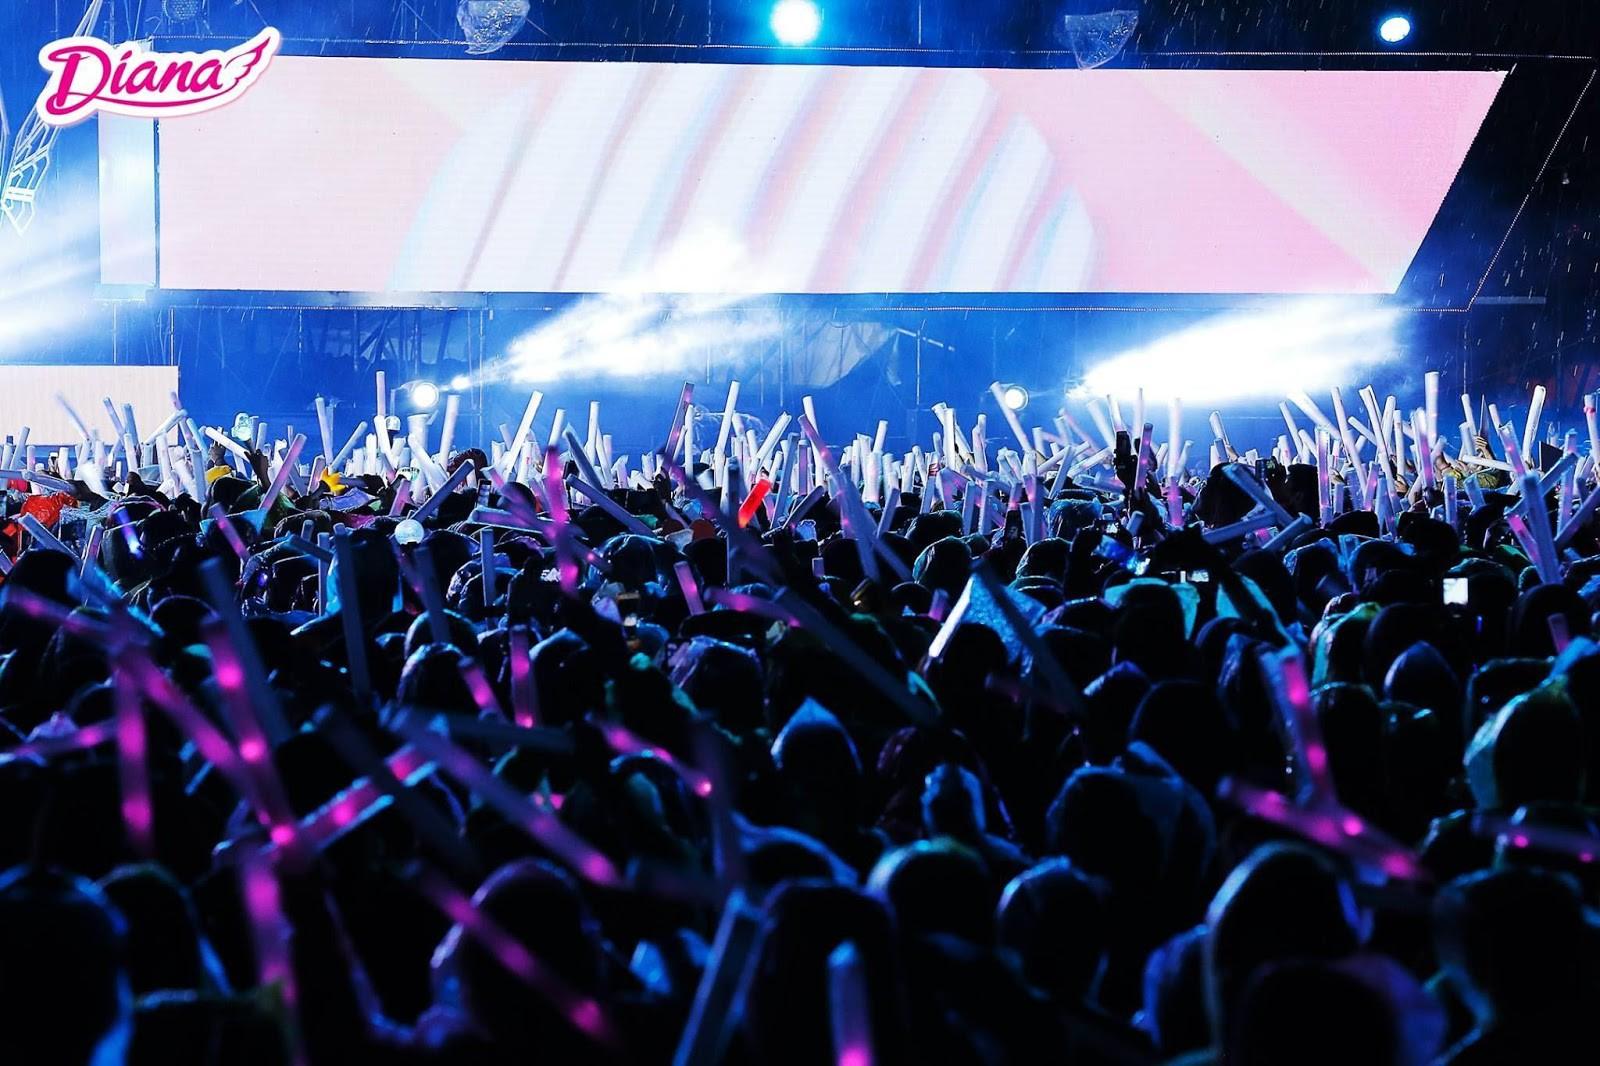 5 cái nhất khiến fans Việt choáng toàn tập với đại nhạc hội của Diana - Ảnh 8.